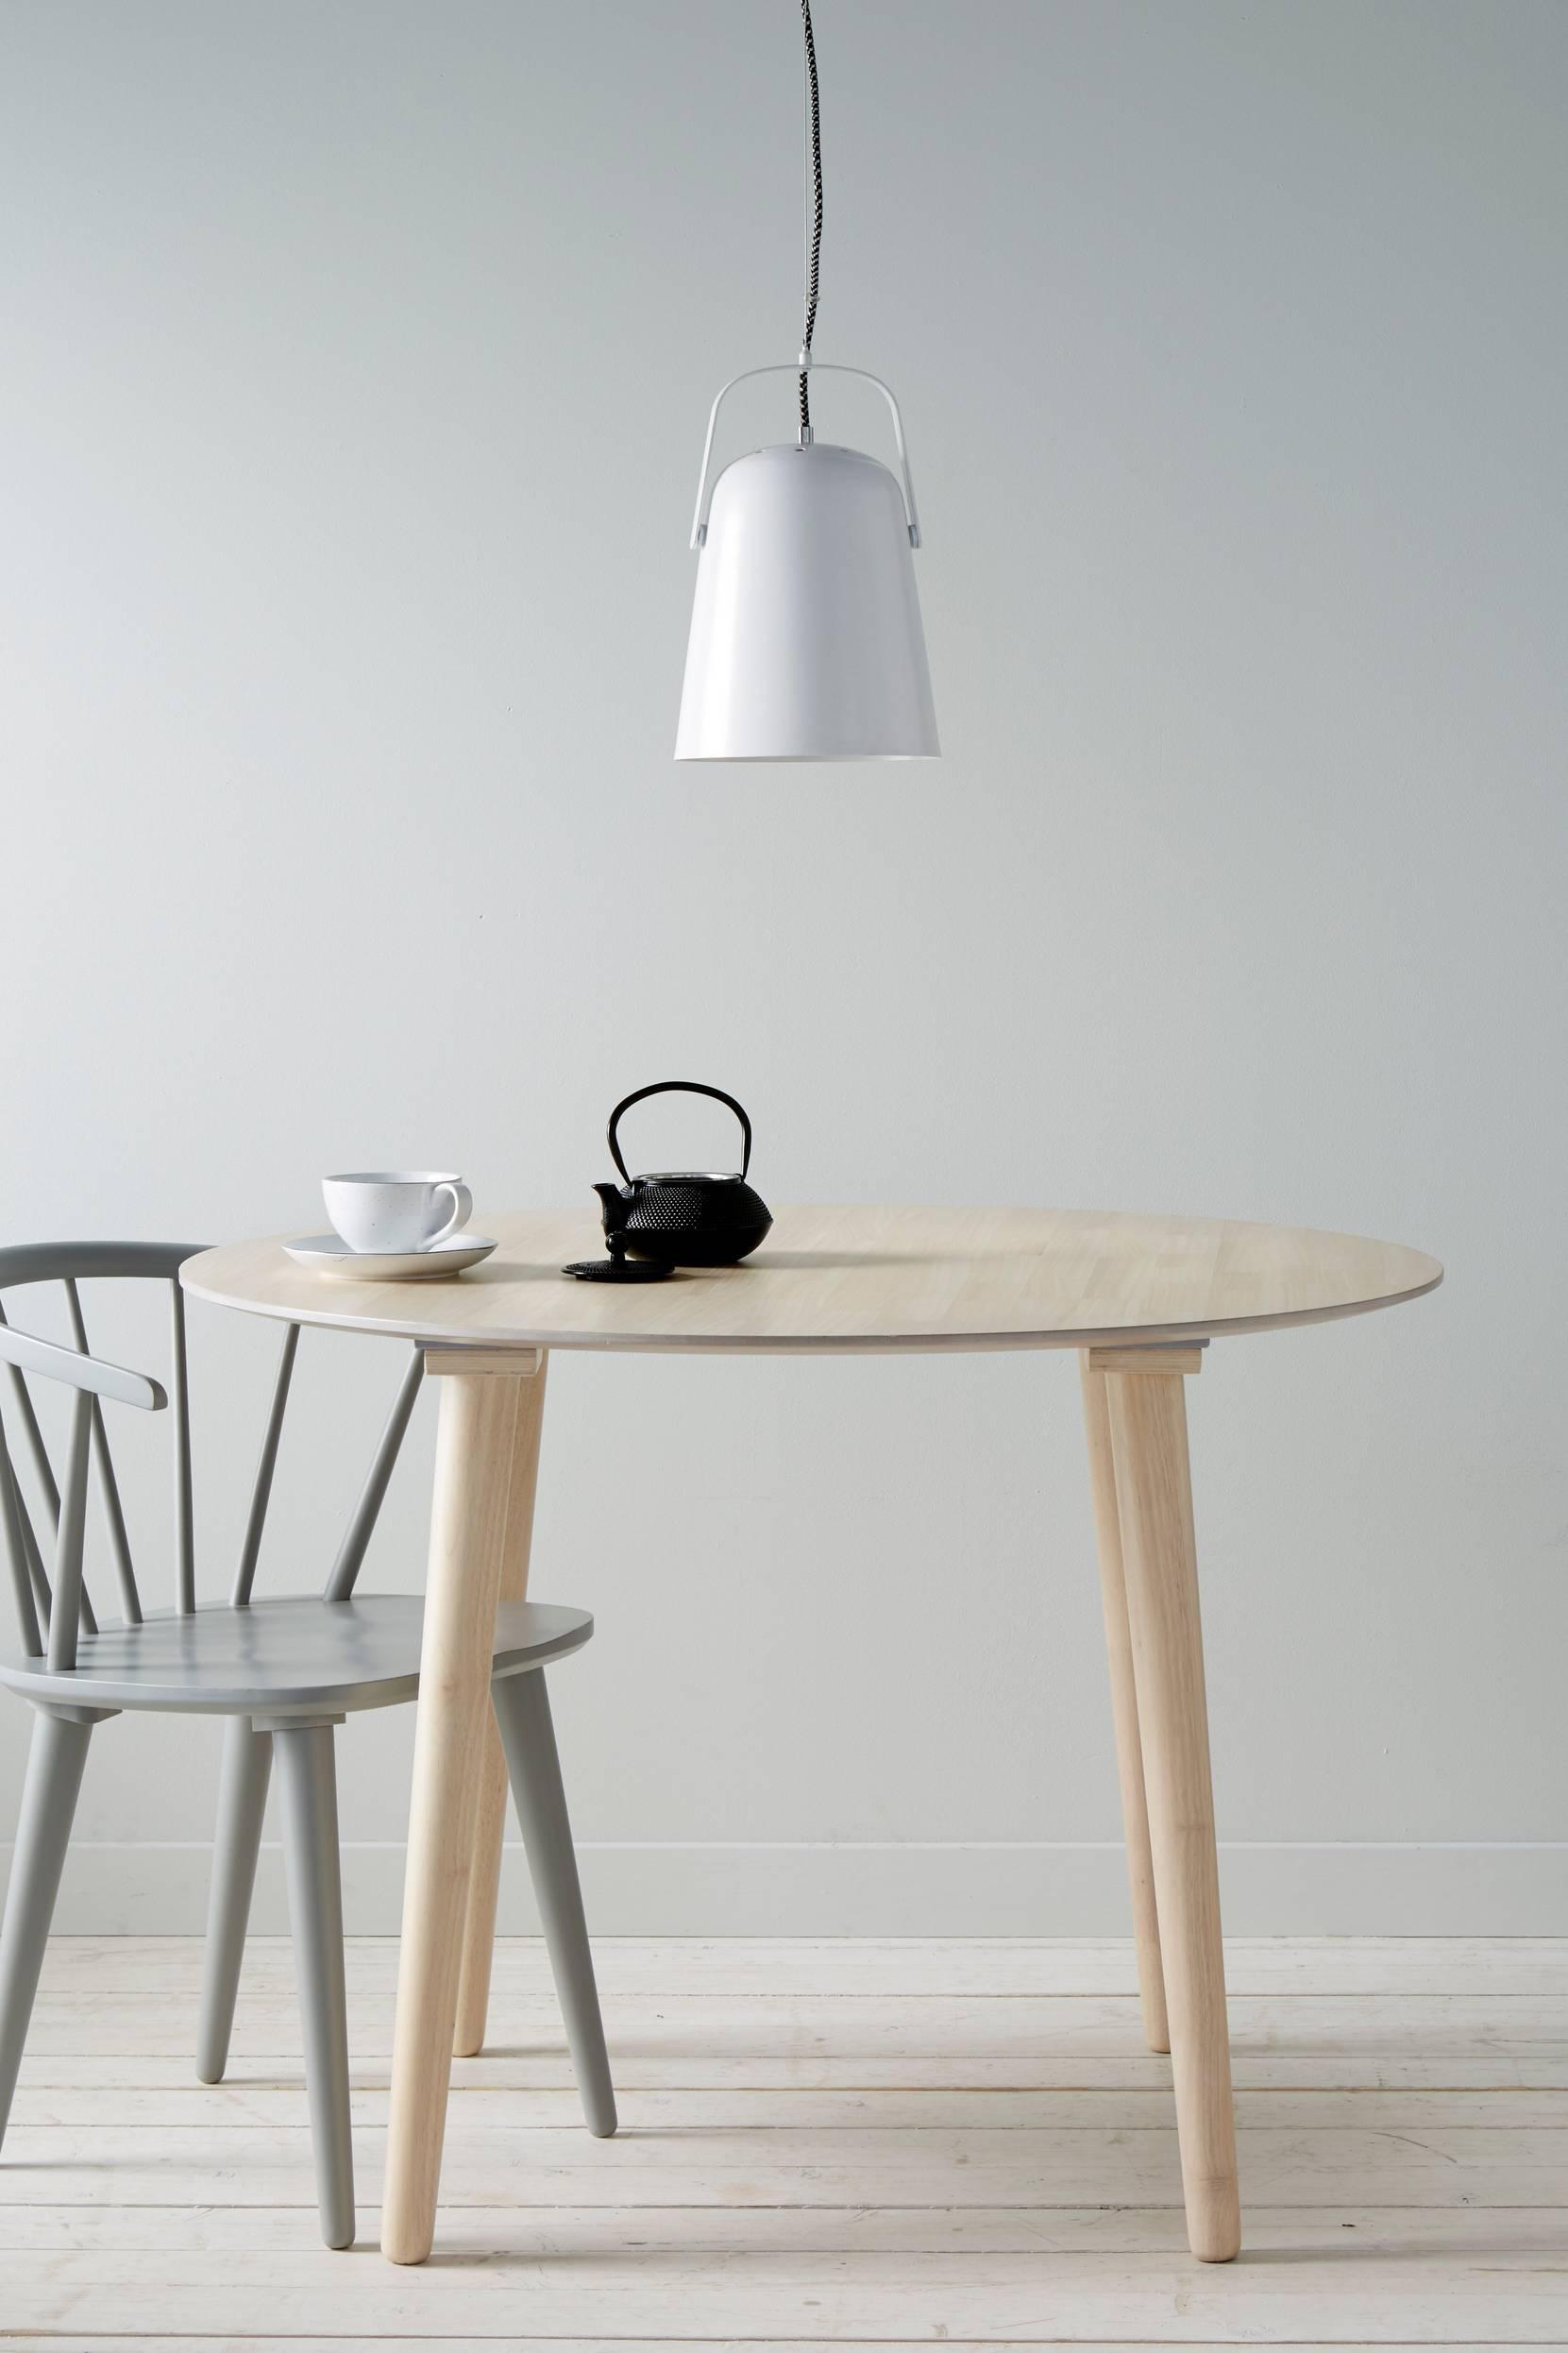 Ellos - Köksbord Jolina Ø 106 cm - Natur